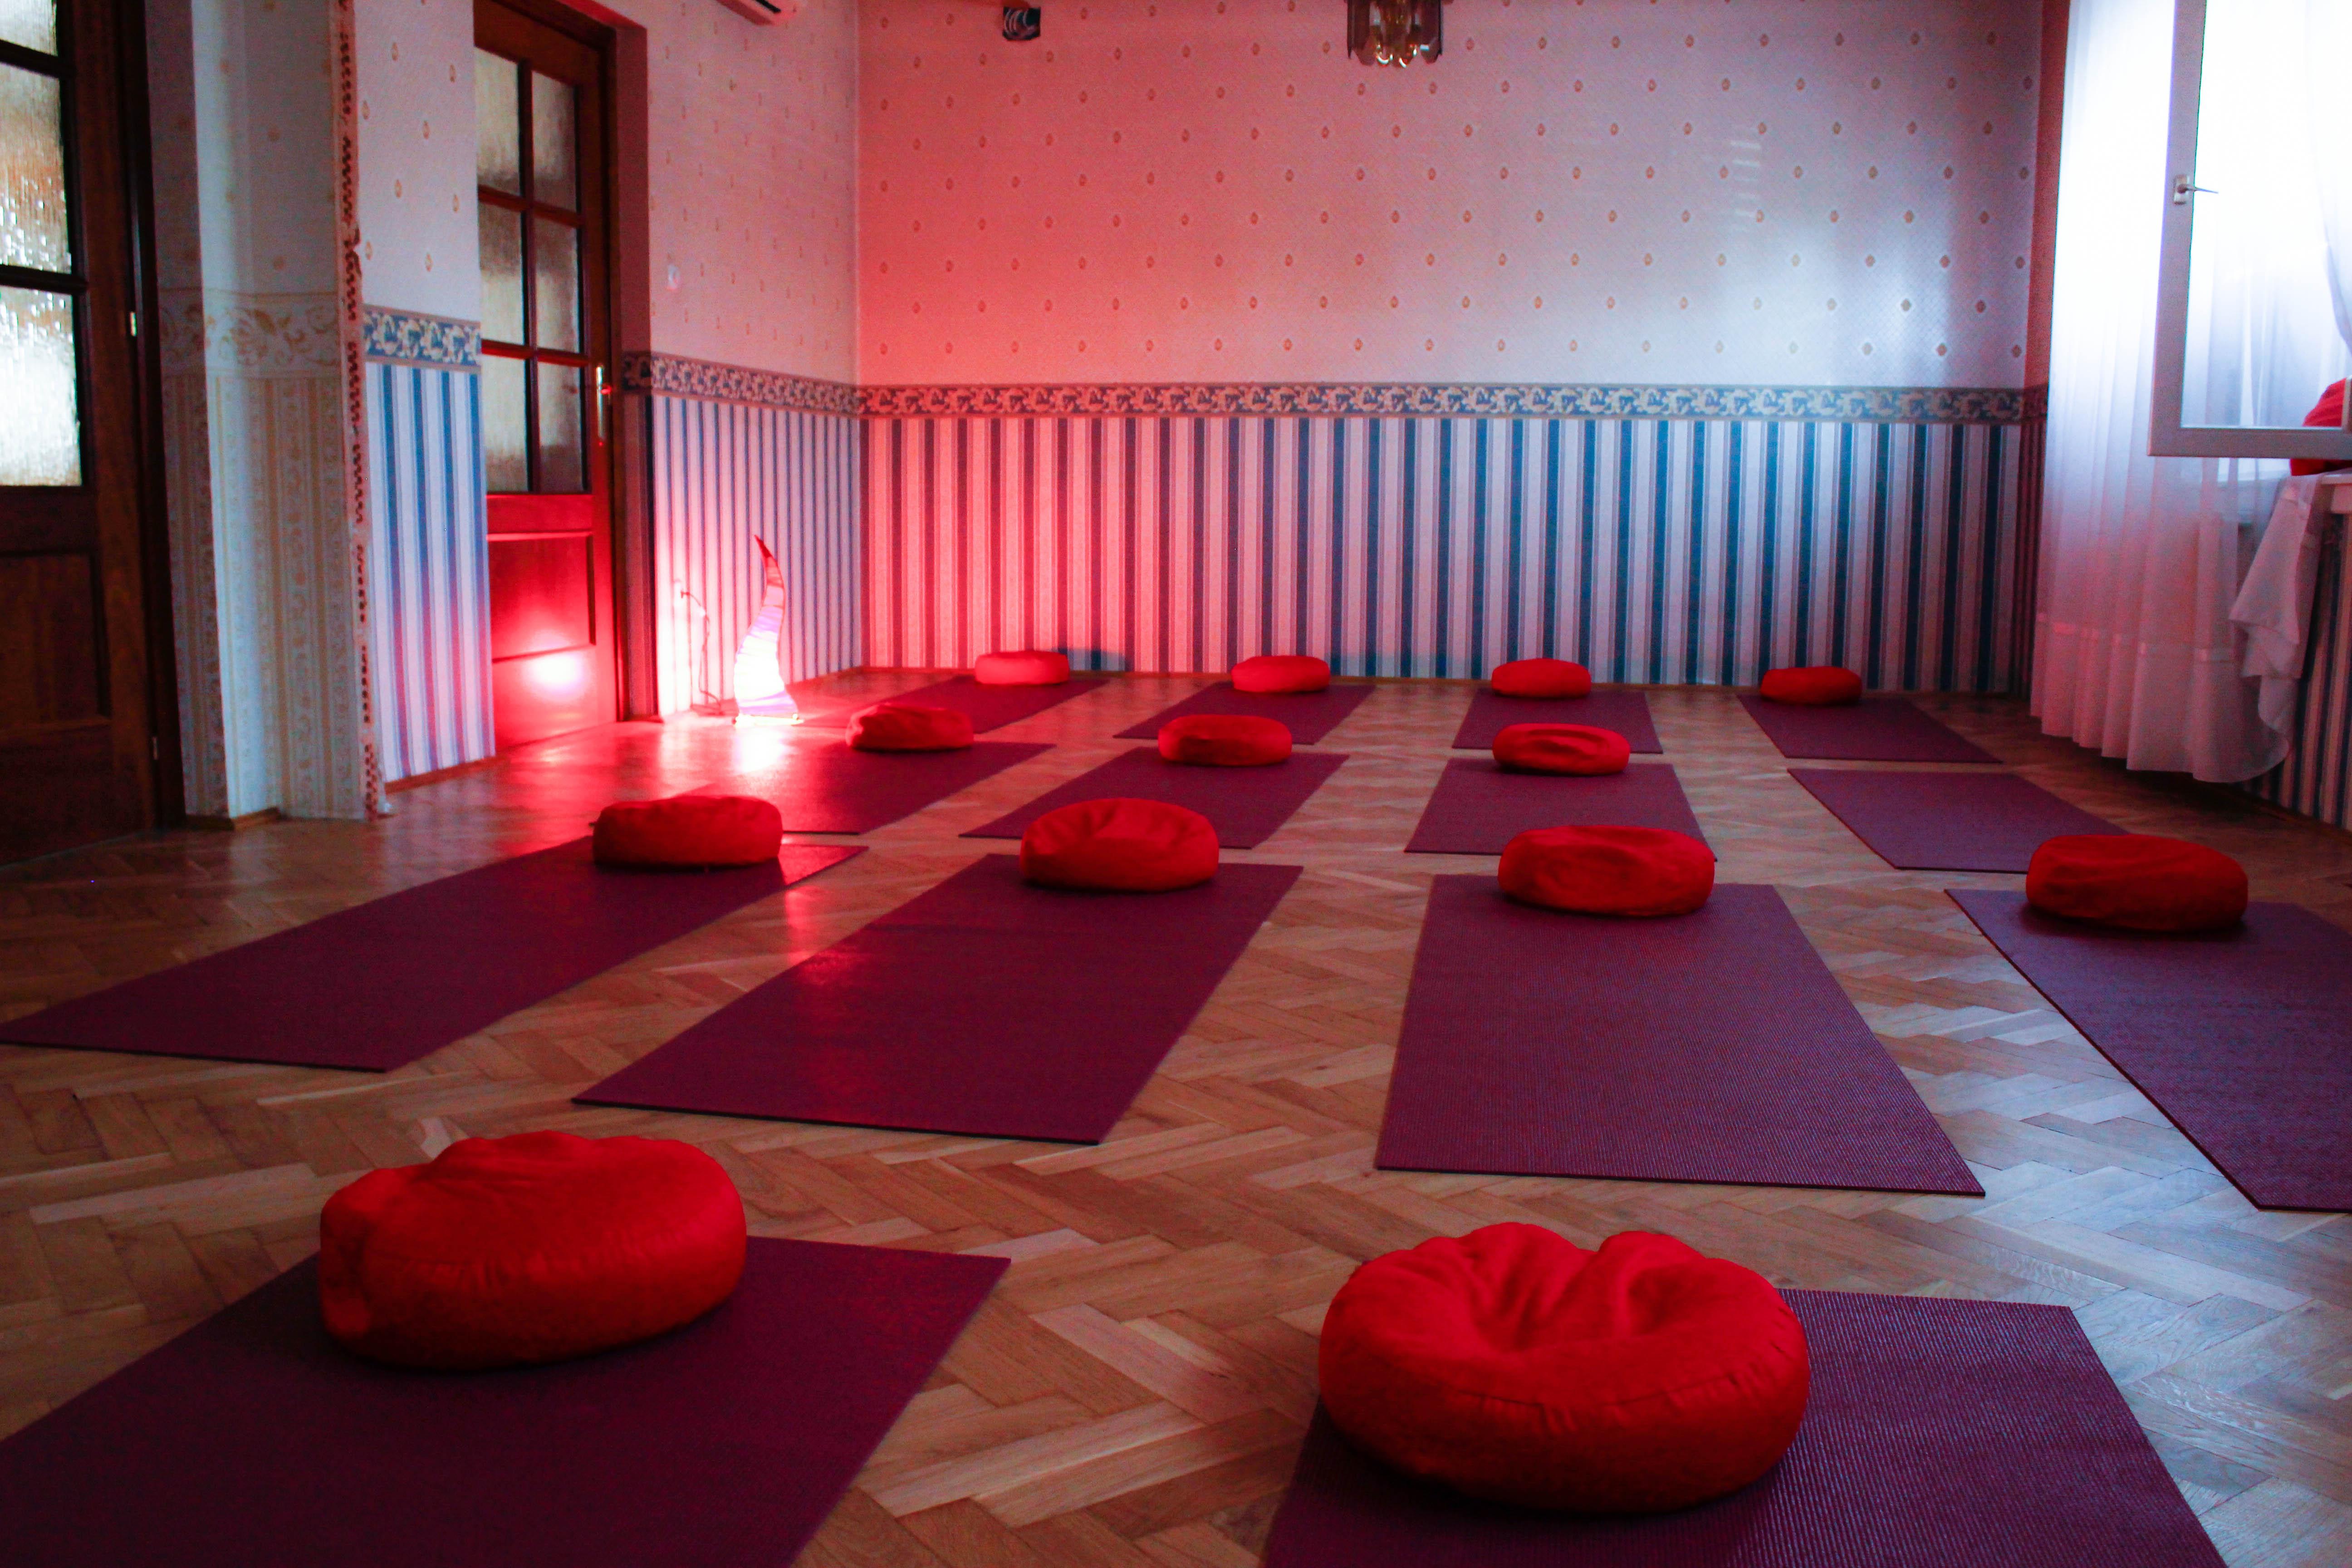 Szempontok a meditációs párna kiválasztásakor  8350d0d6fb